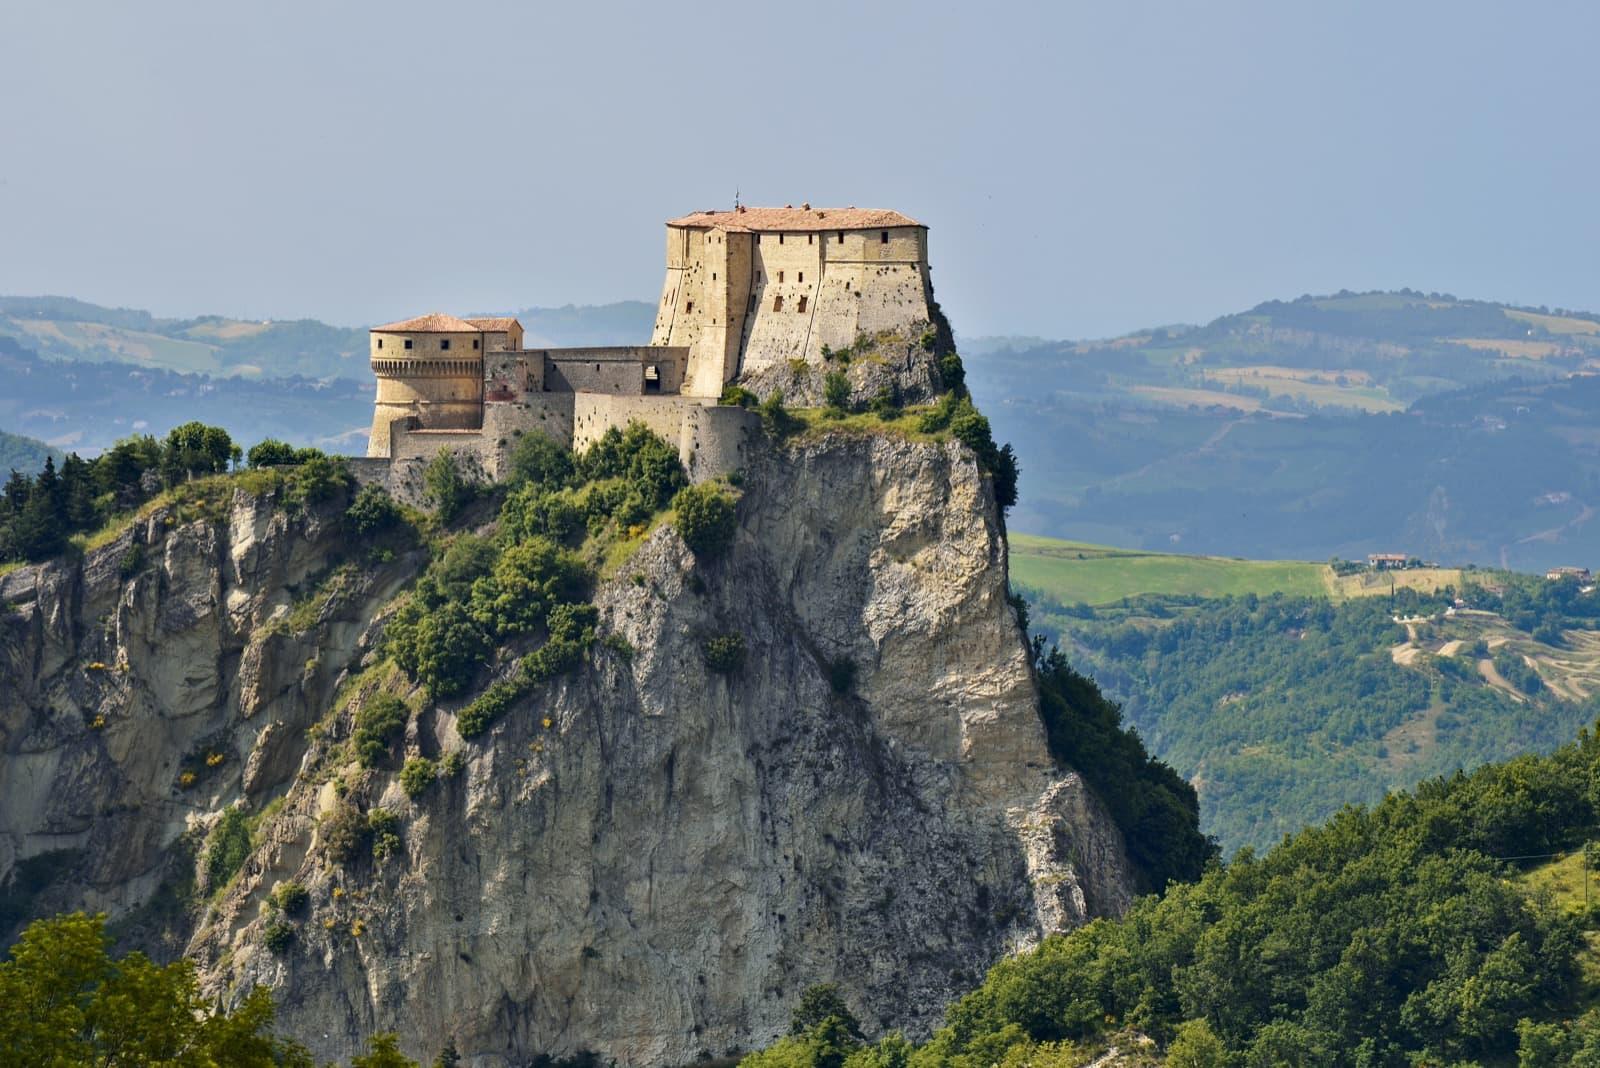 San Leo, veduta della fortezza Ph. carlo_grifone